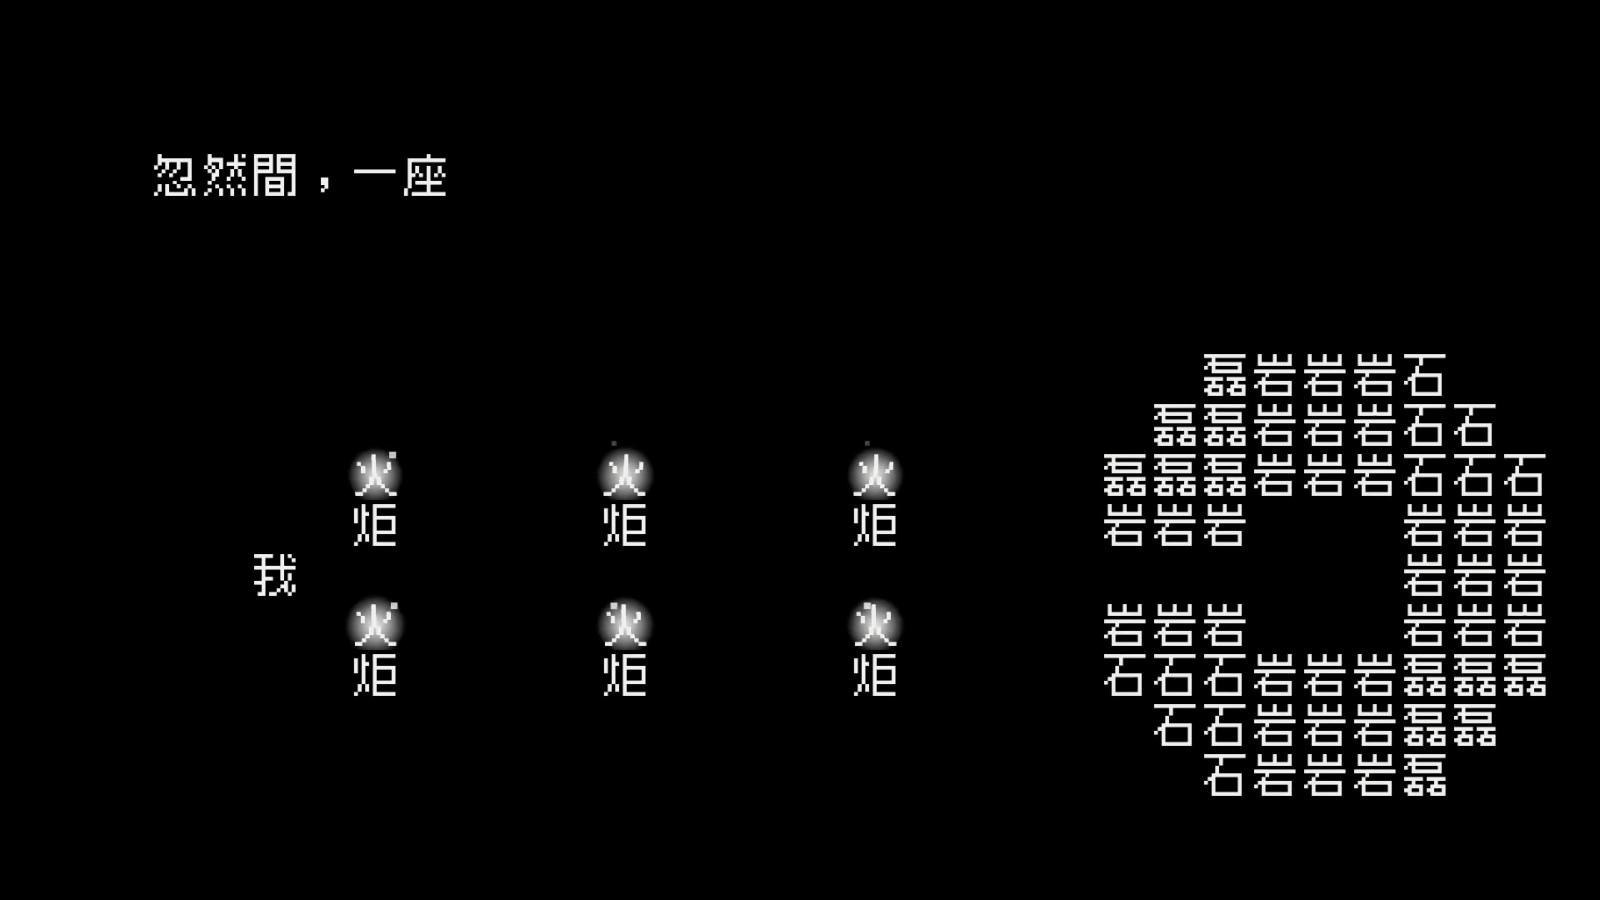 高能电玩节:文字冒险解谜游戏《文字游戏》新预告